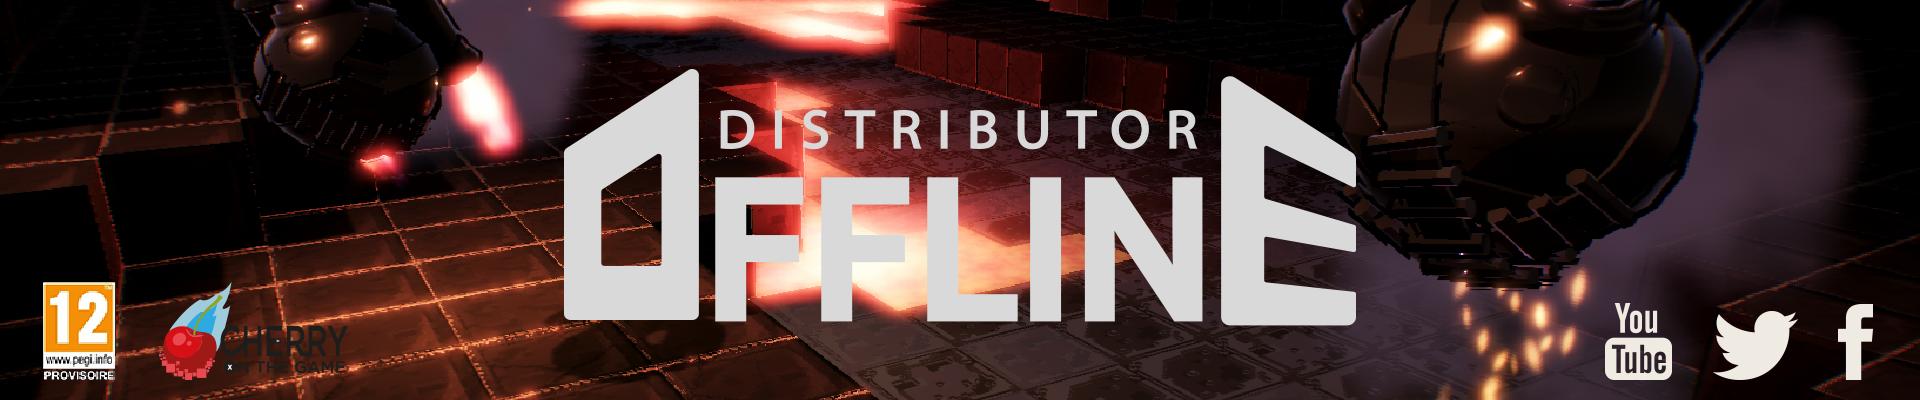 Distributor Offline